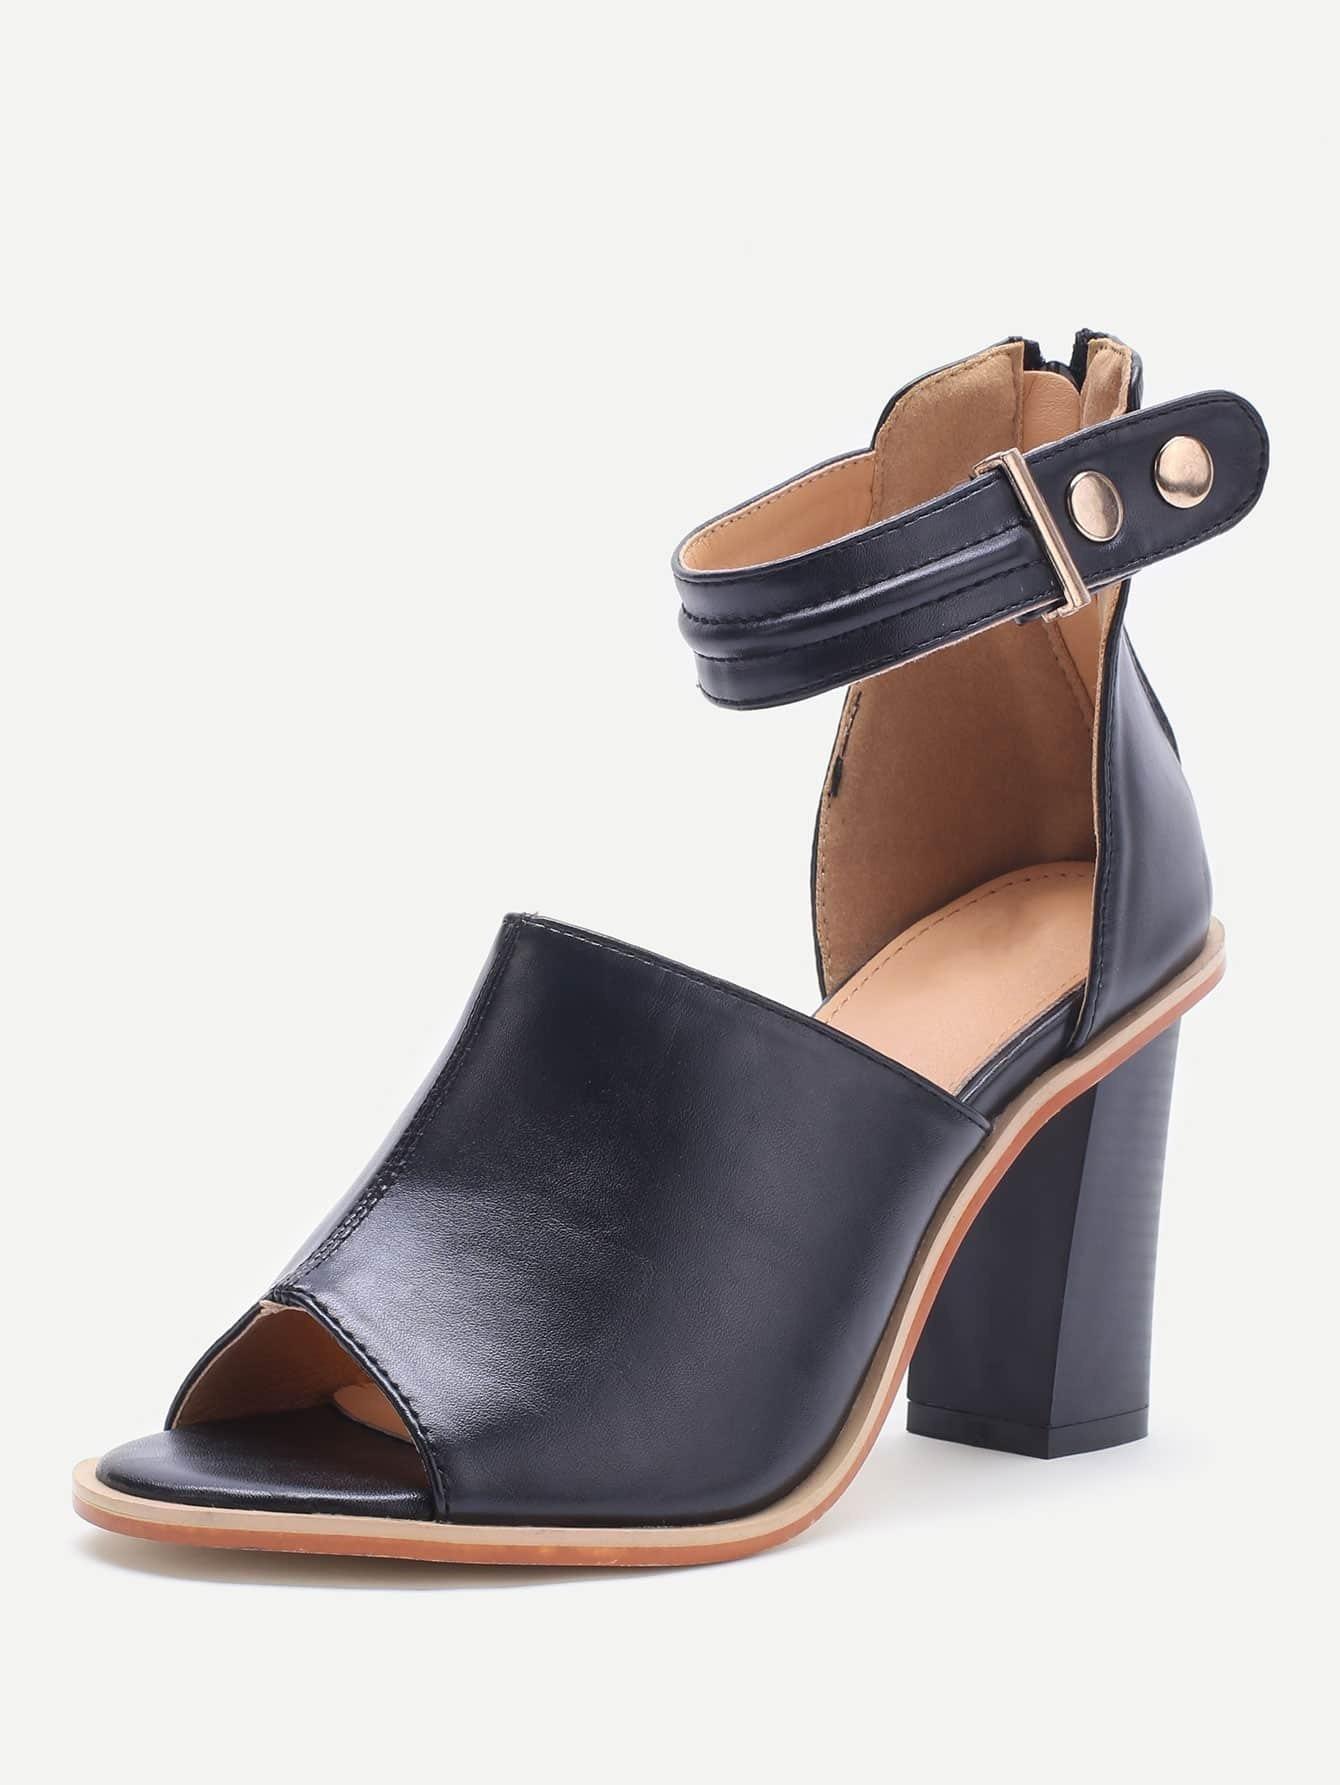 shoes170222807_2